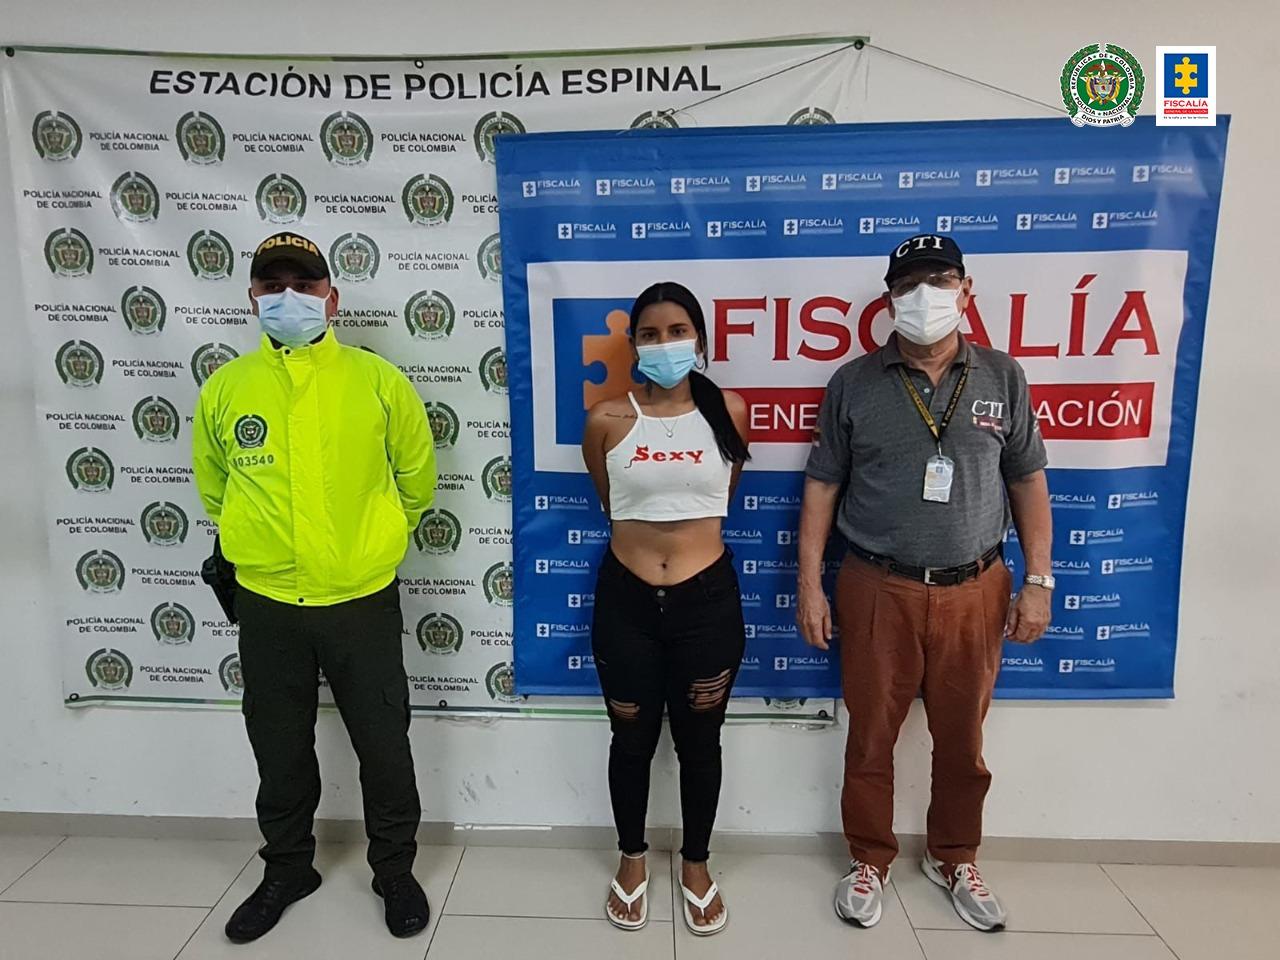 Asegurada una pareja por su presunta participación en varios hurtos en El Espinal (Tolima) - Noticias de Colombia